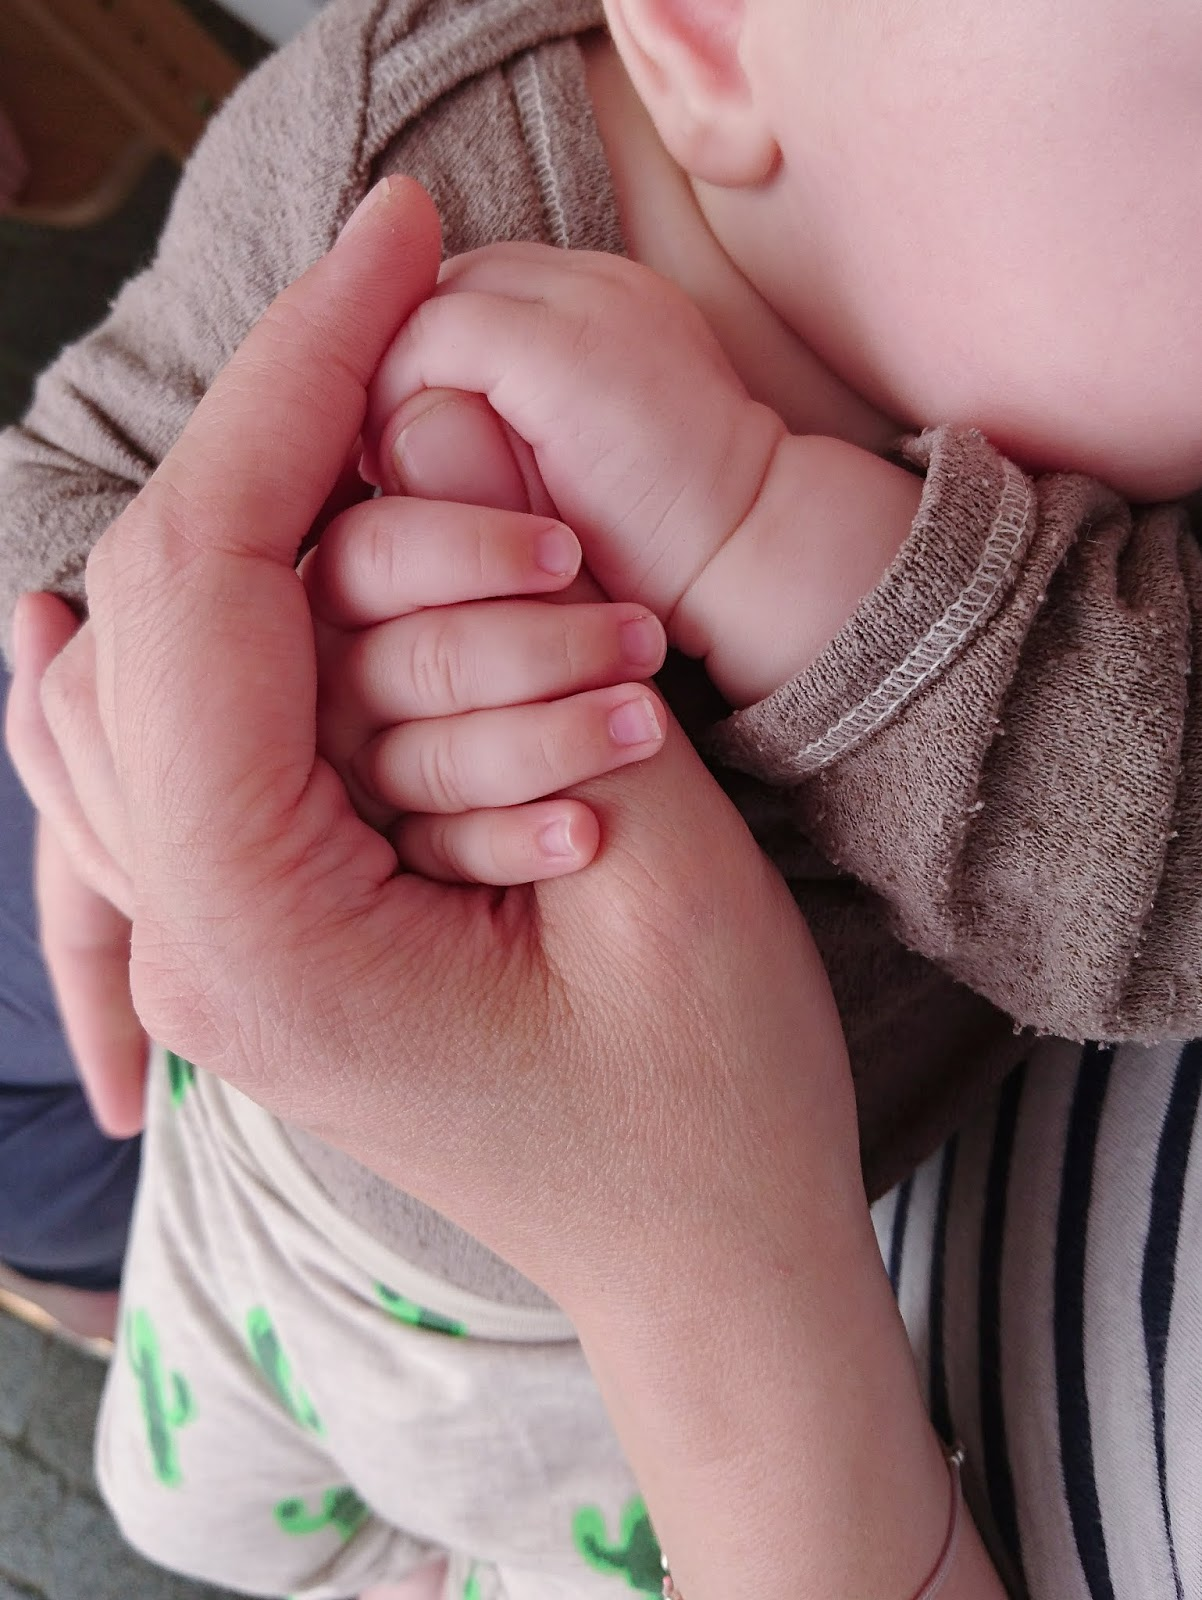 Mit wellcome durch's erste Lebensjahr | Praktische Hilfe nach der Geburt | judetta.de